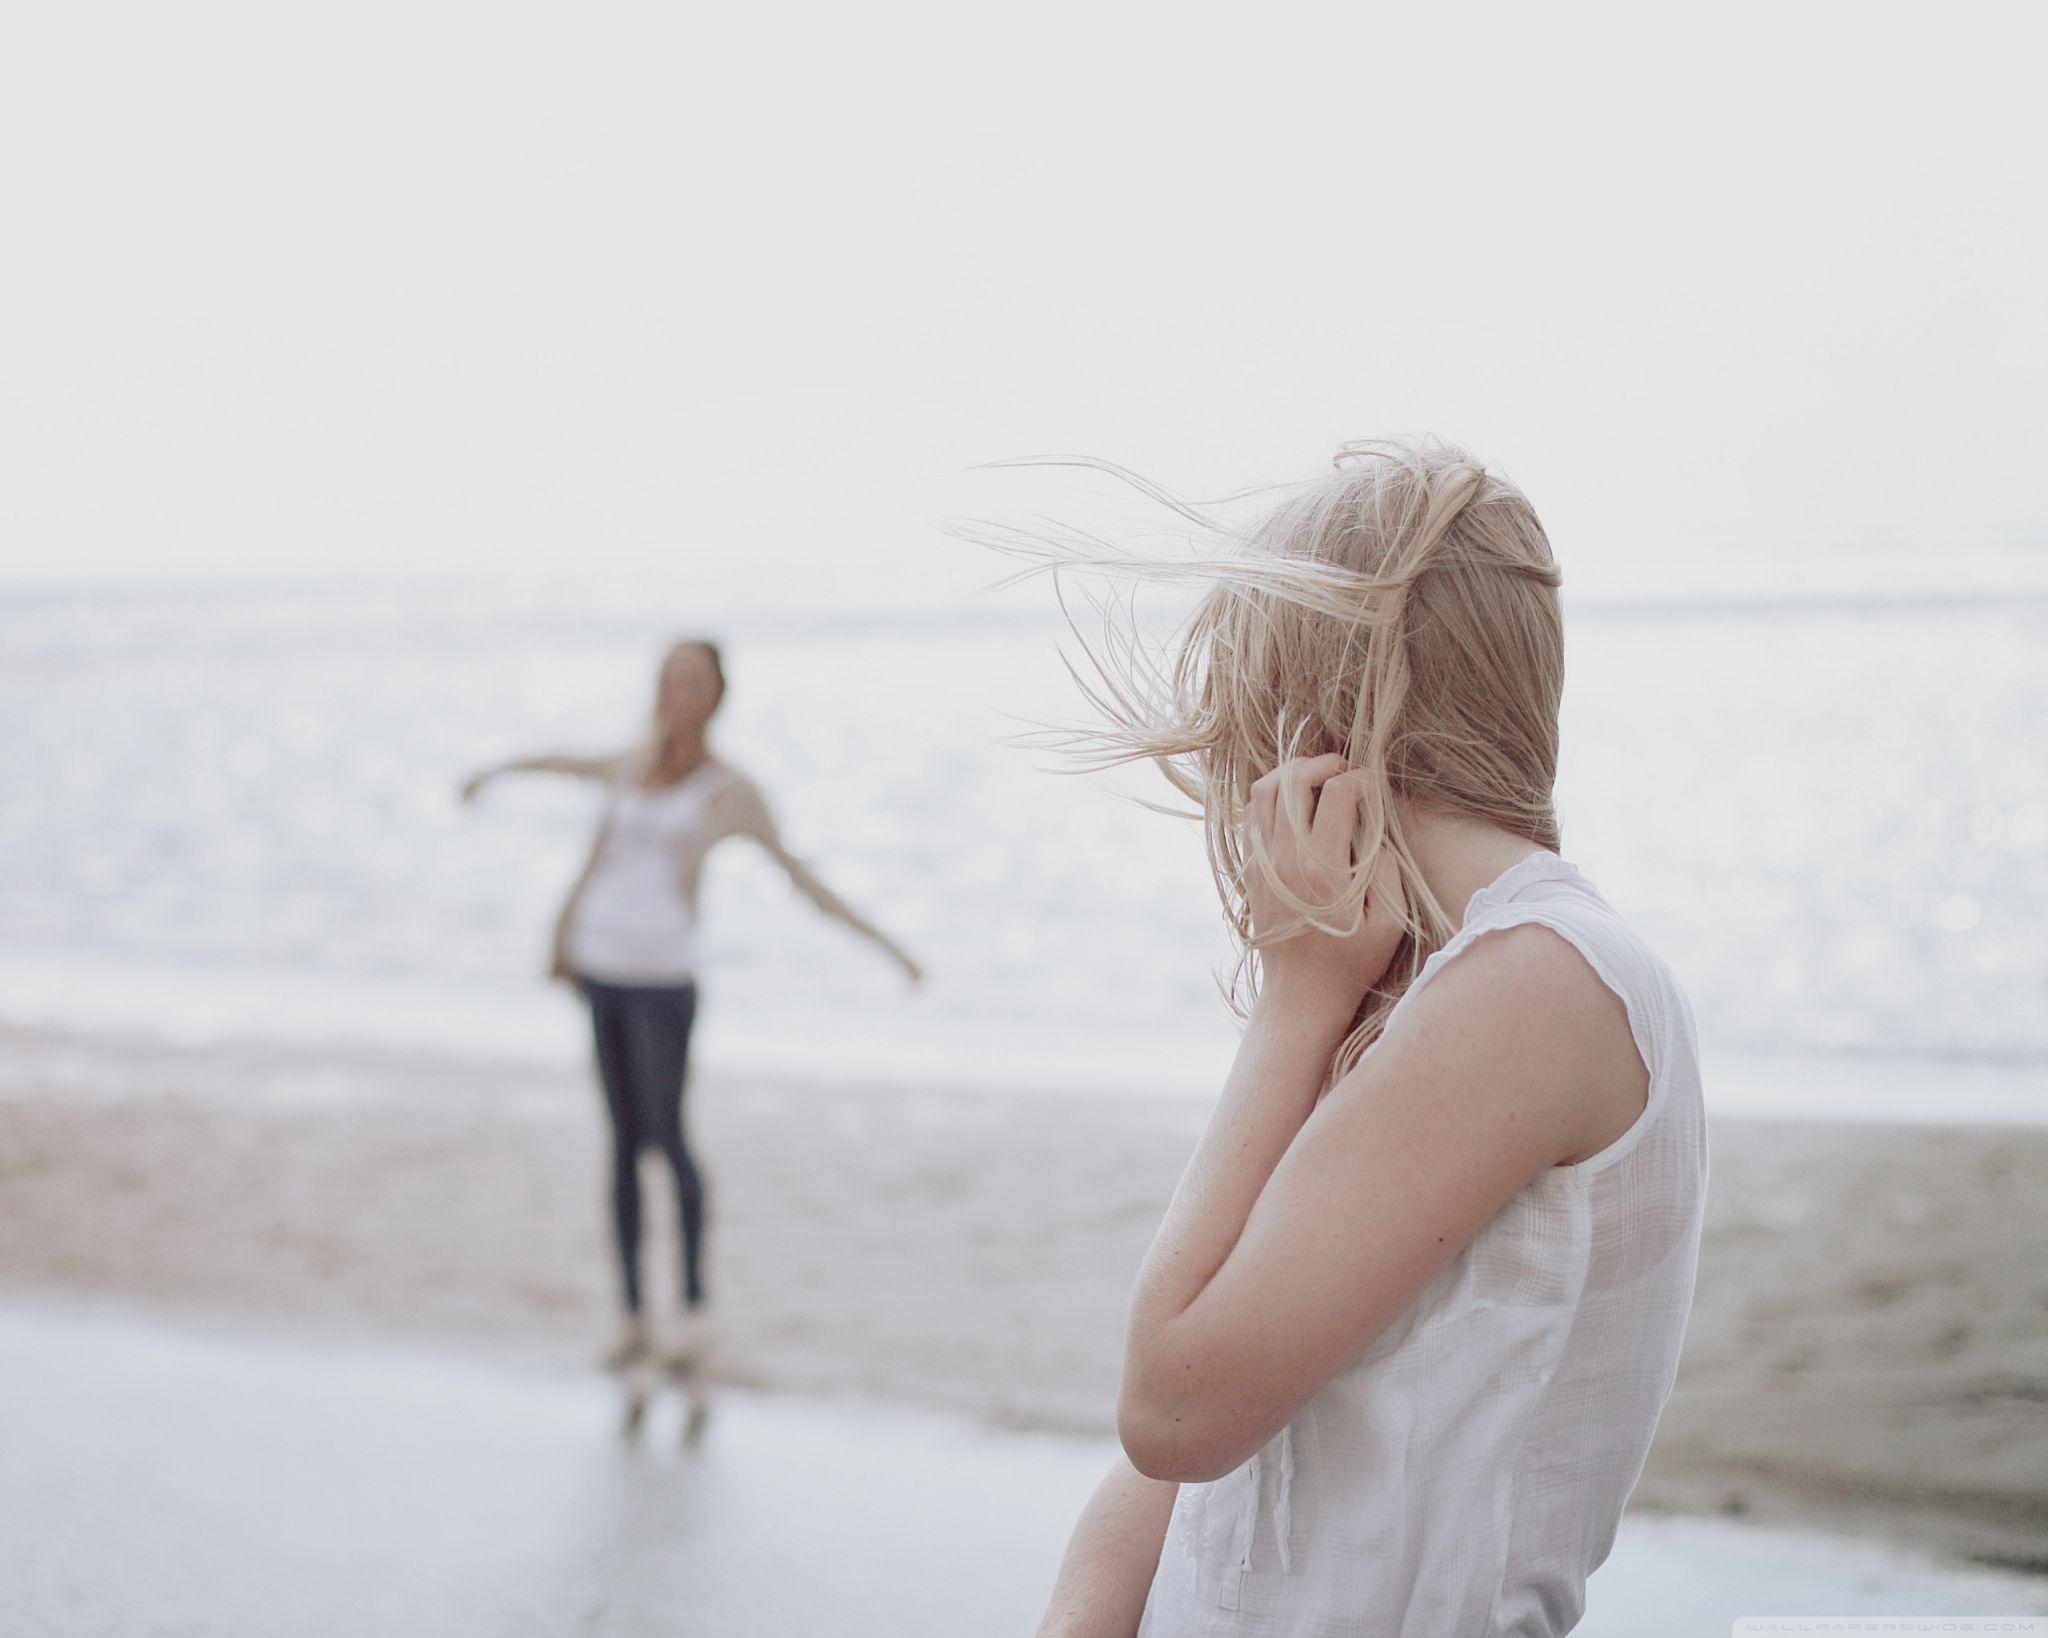 Girls [17]